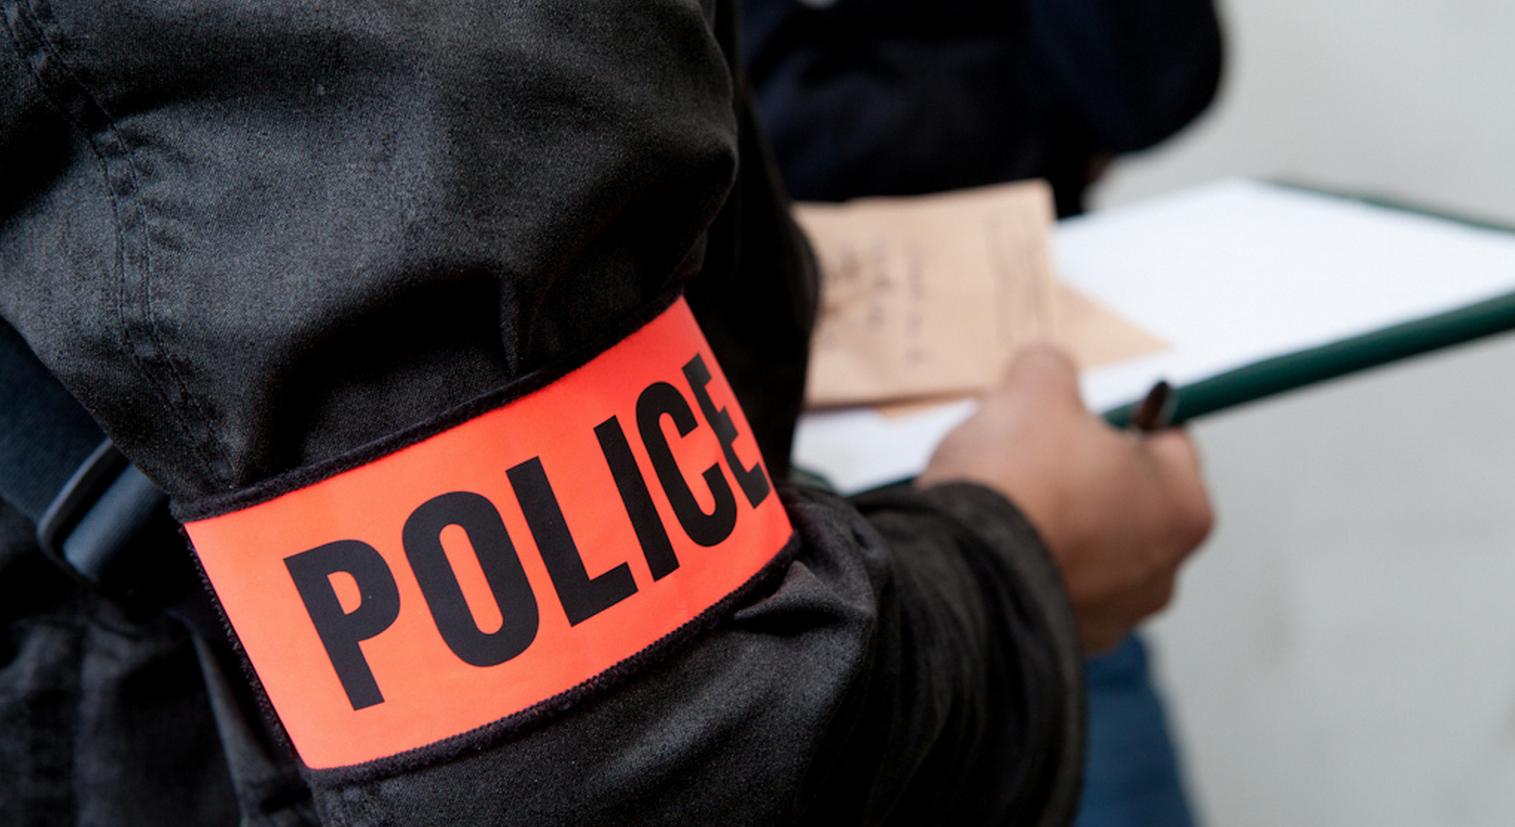 L'enquête de police va devoir établir les circonstances du drame (Illustration)